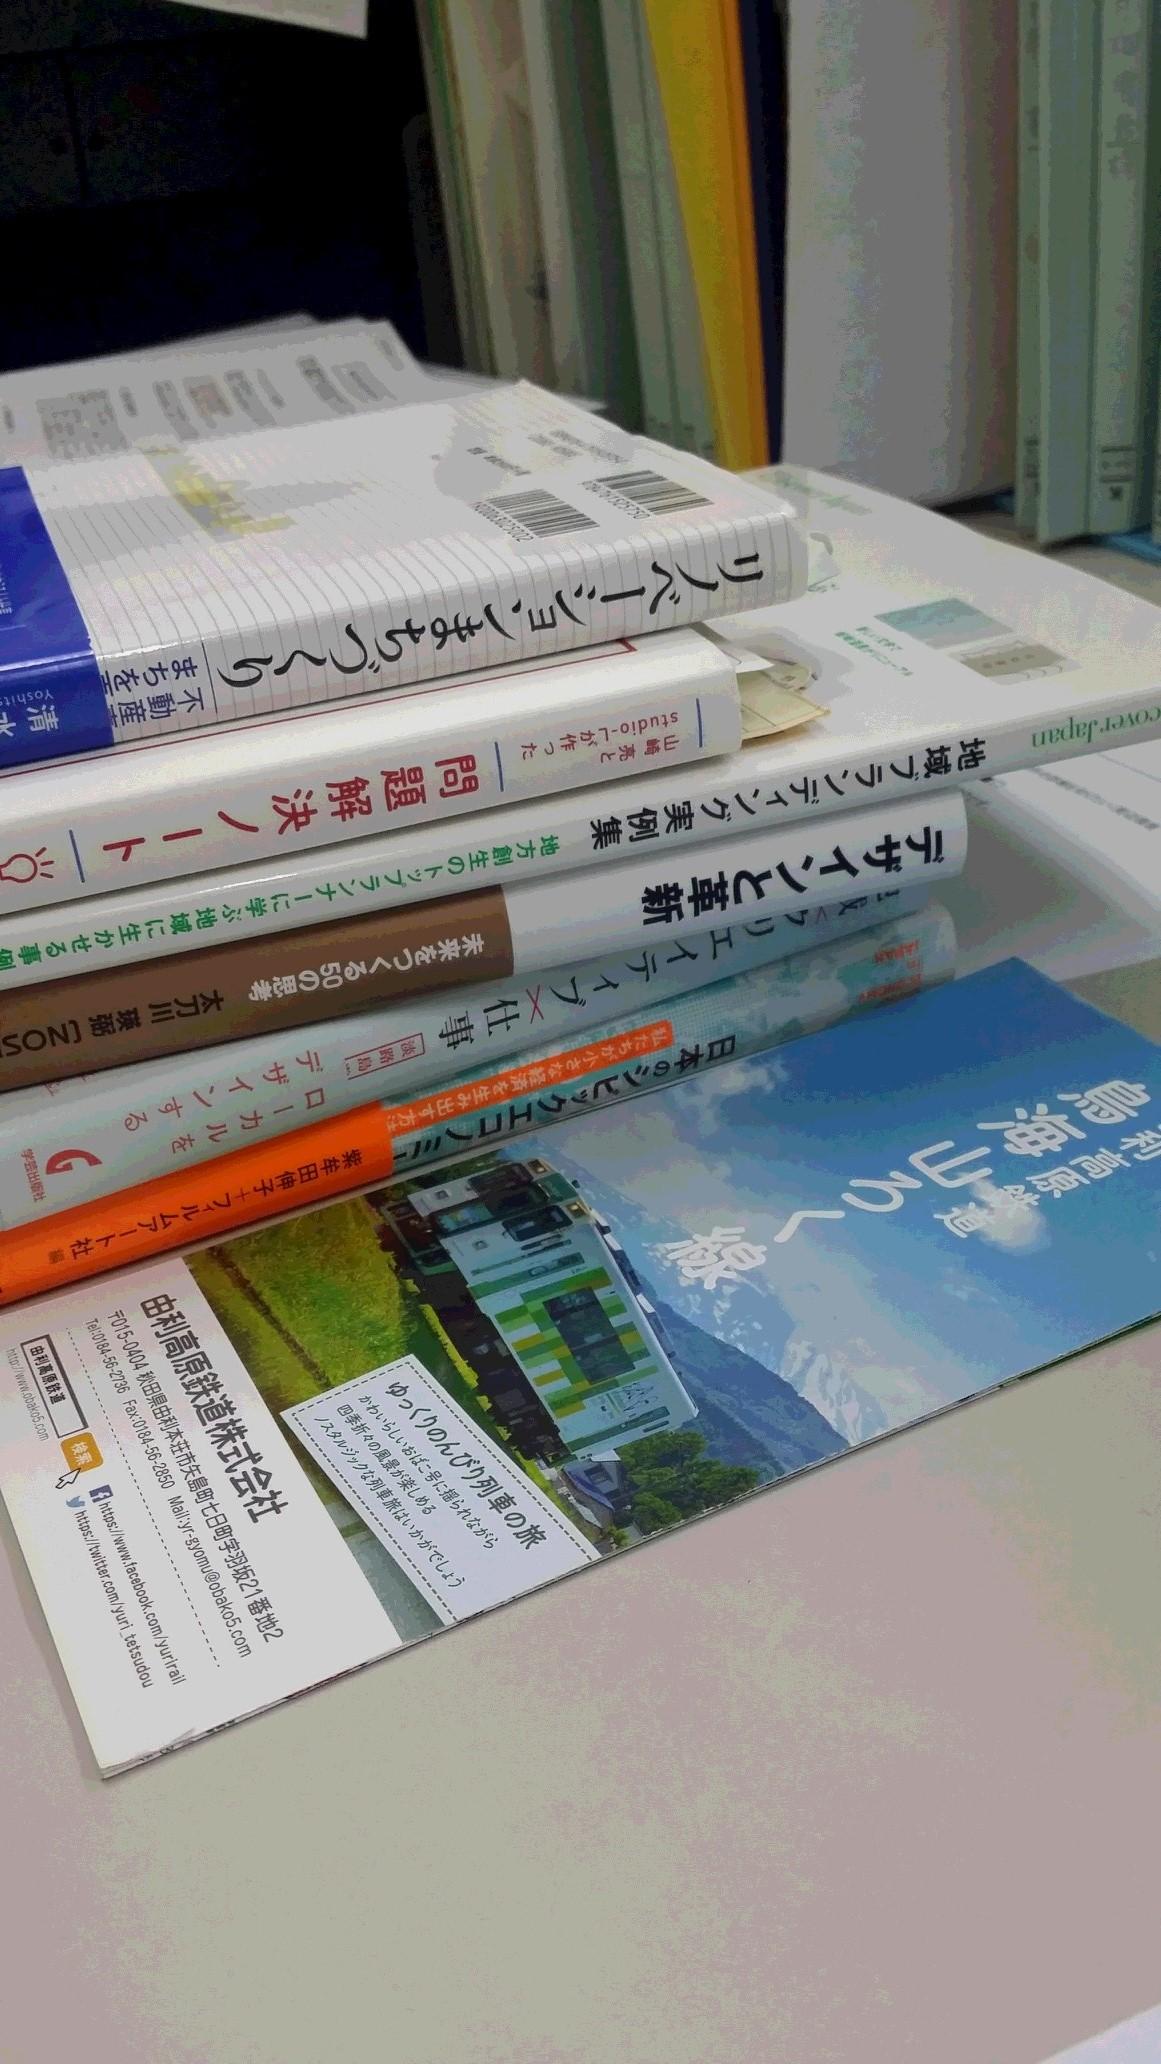 本でいっぱい!_d0005807_1826015.jpg